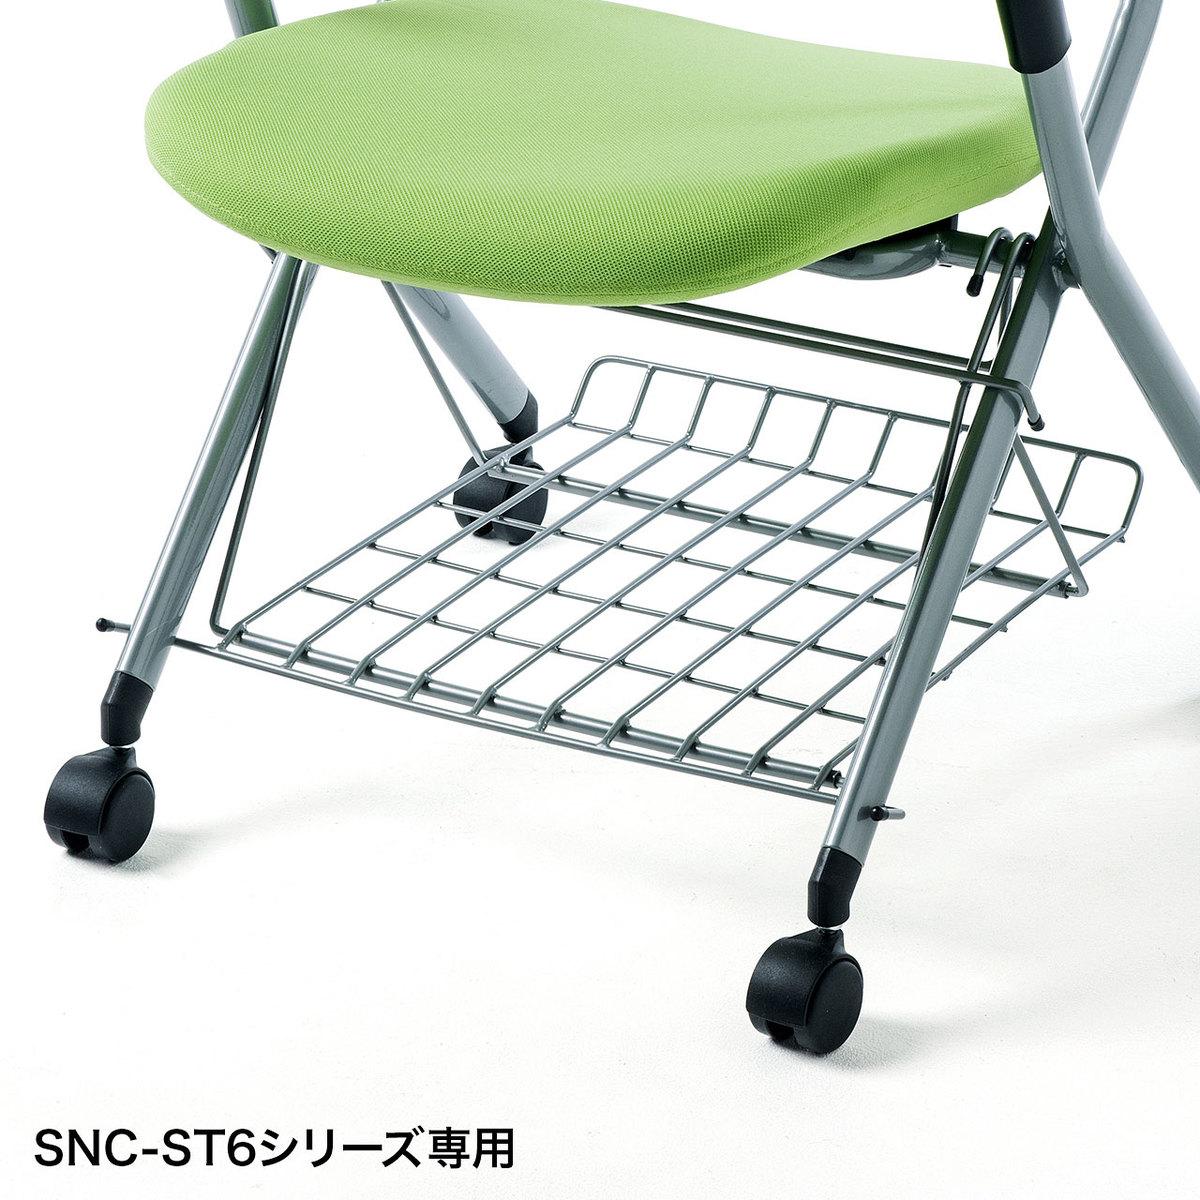 [SNC-ST6RAC] ミーティングチェア用荷物置き